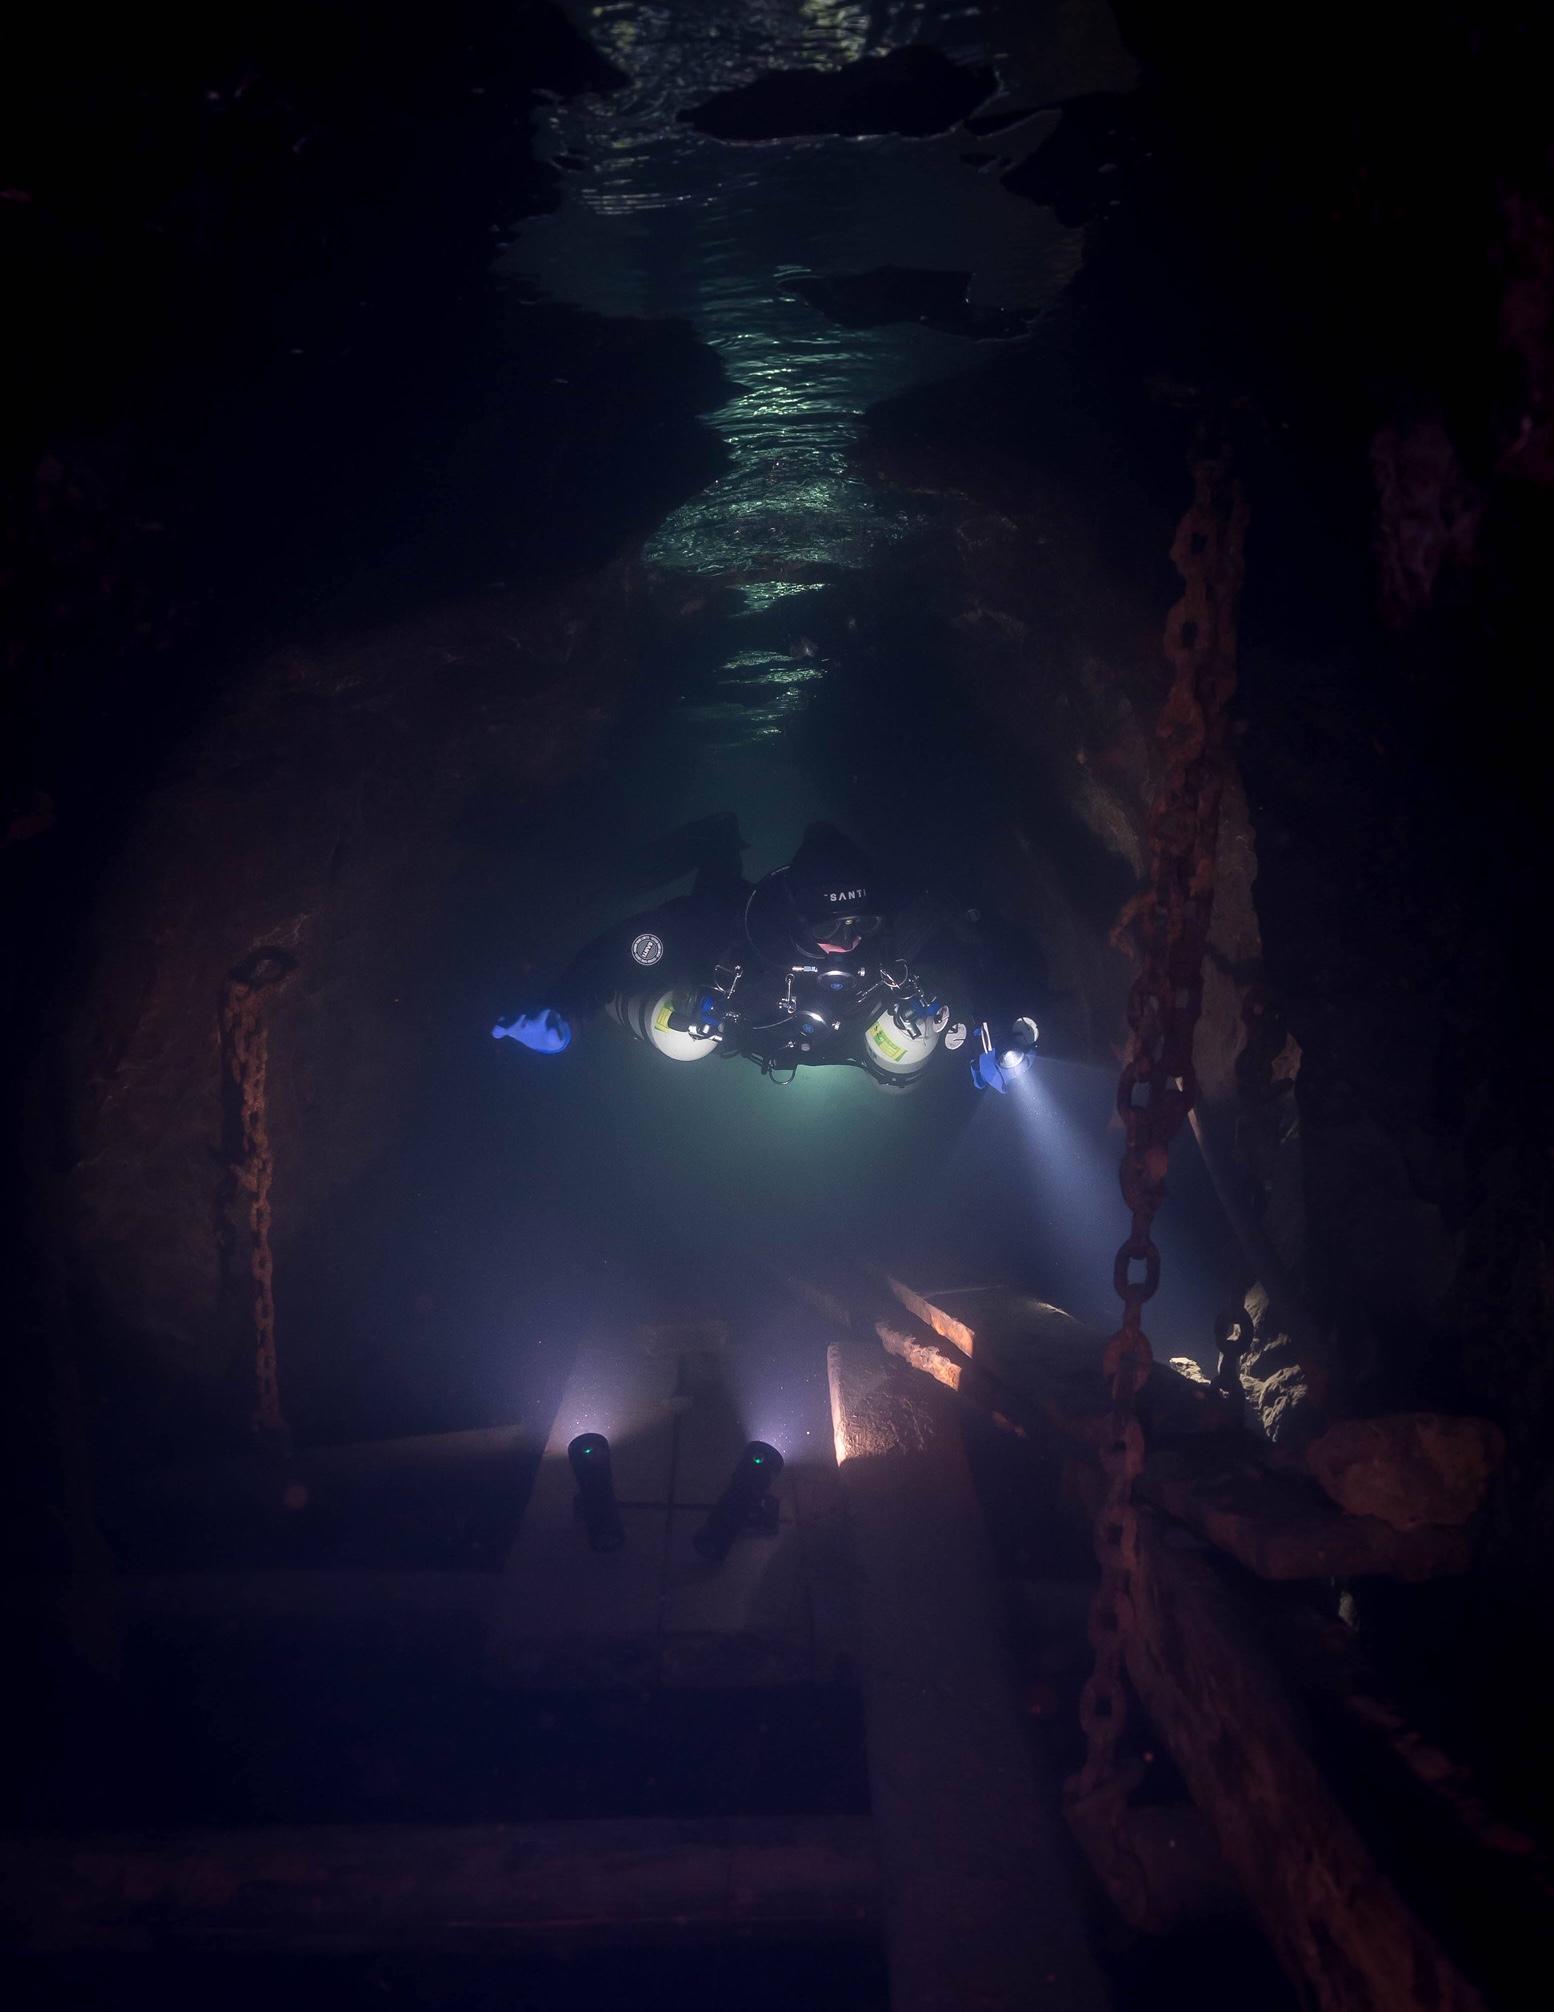 Dykning och upplevelser under ytan